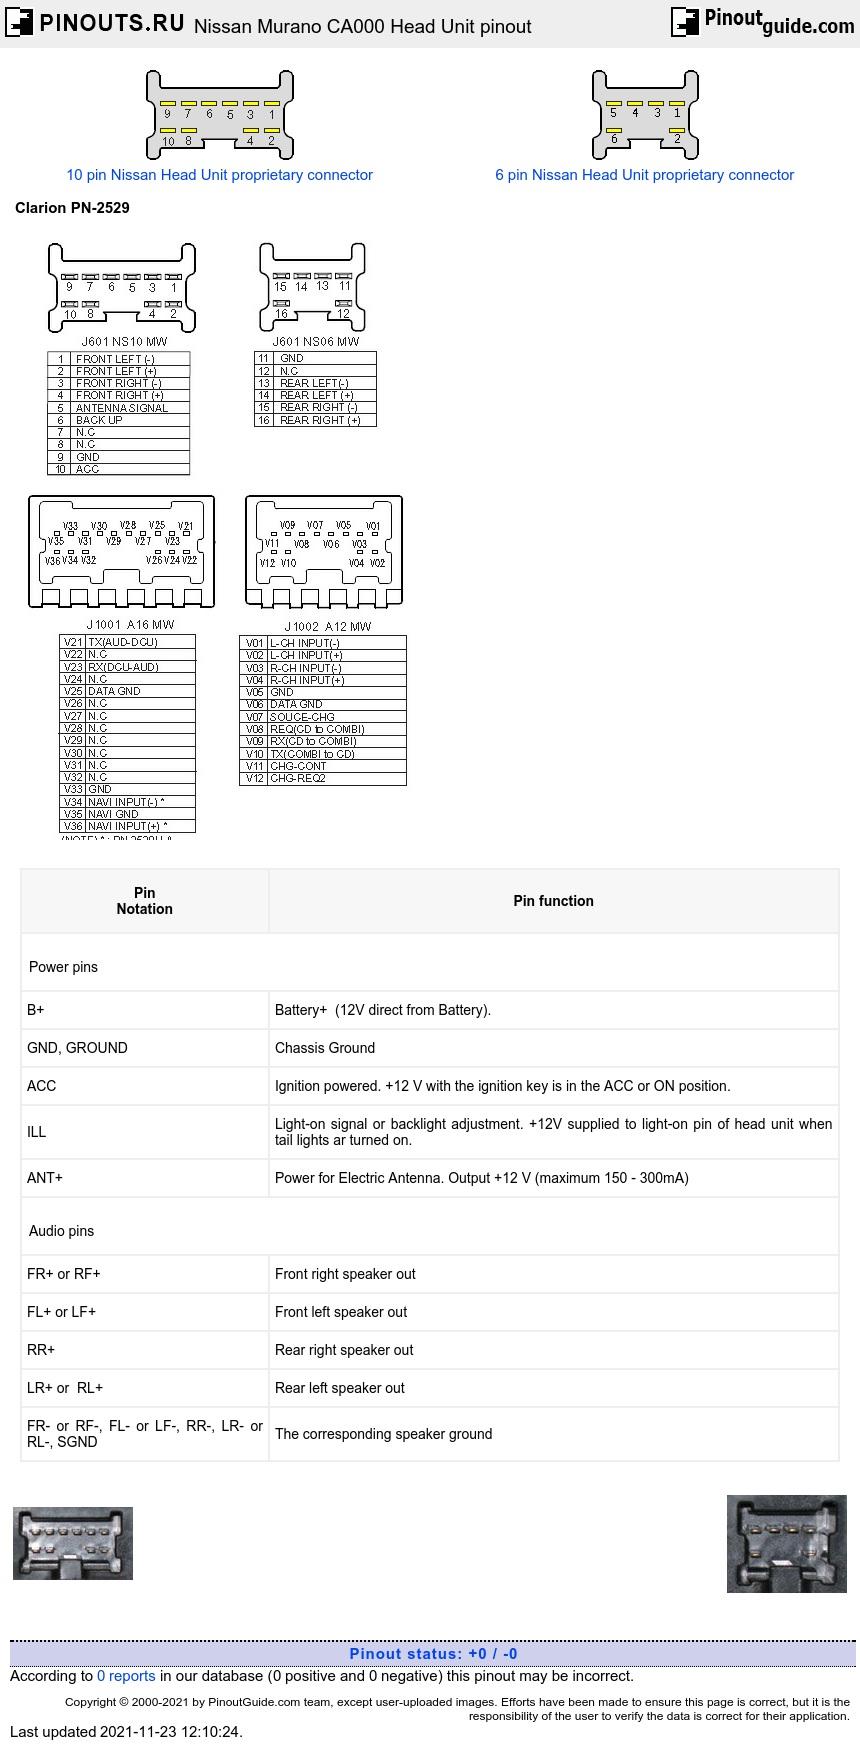 Nissan Murano CA000 Head Unit pinout diagram @ pinoutguide.com